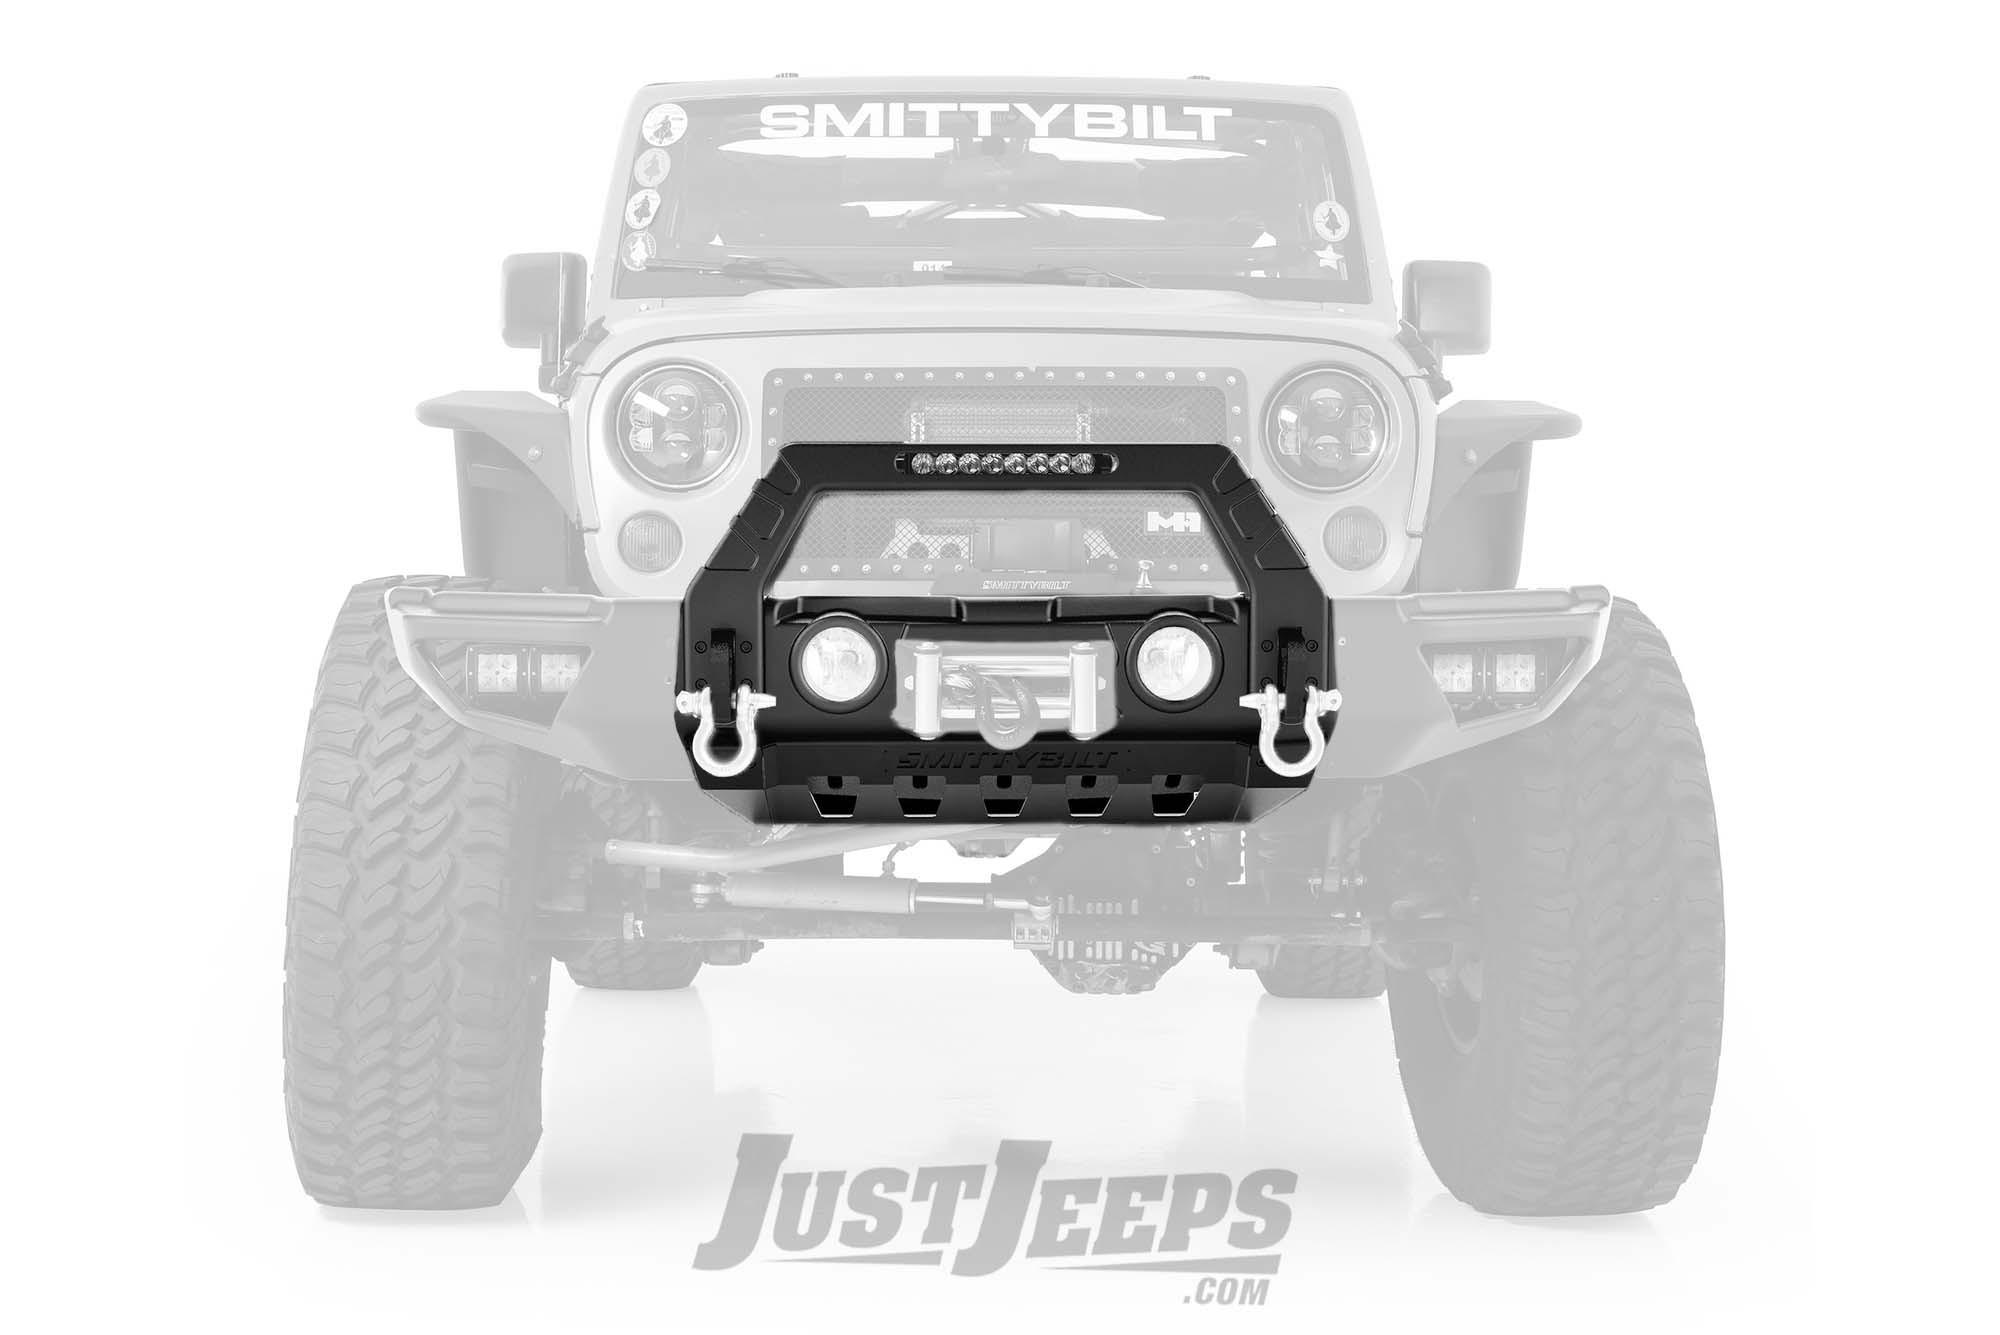 SmittyBilt Stryker Front Bumper For 2007-18+ Jeep Gladiator JT & Wrangler JK/JL 2 Door & Unlimited 4 Door Models